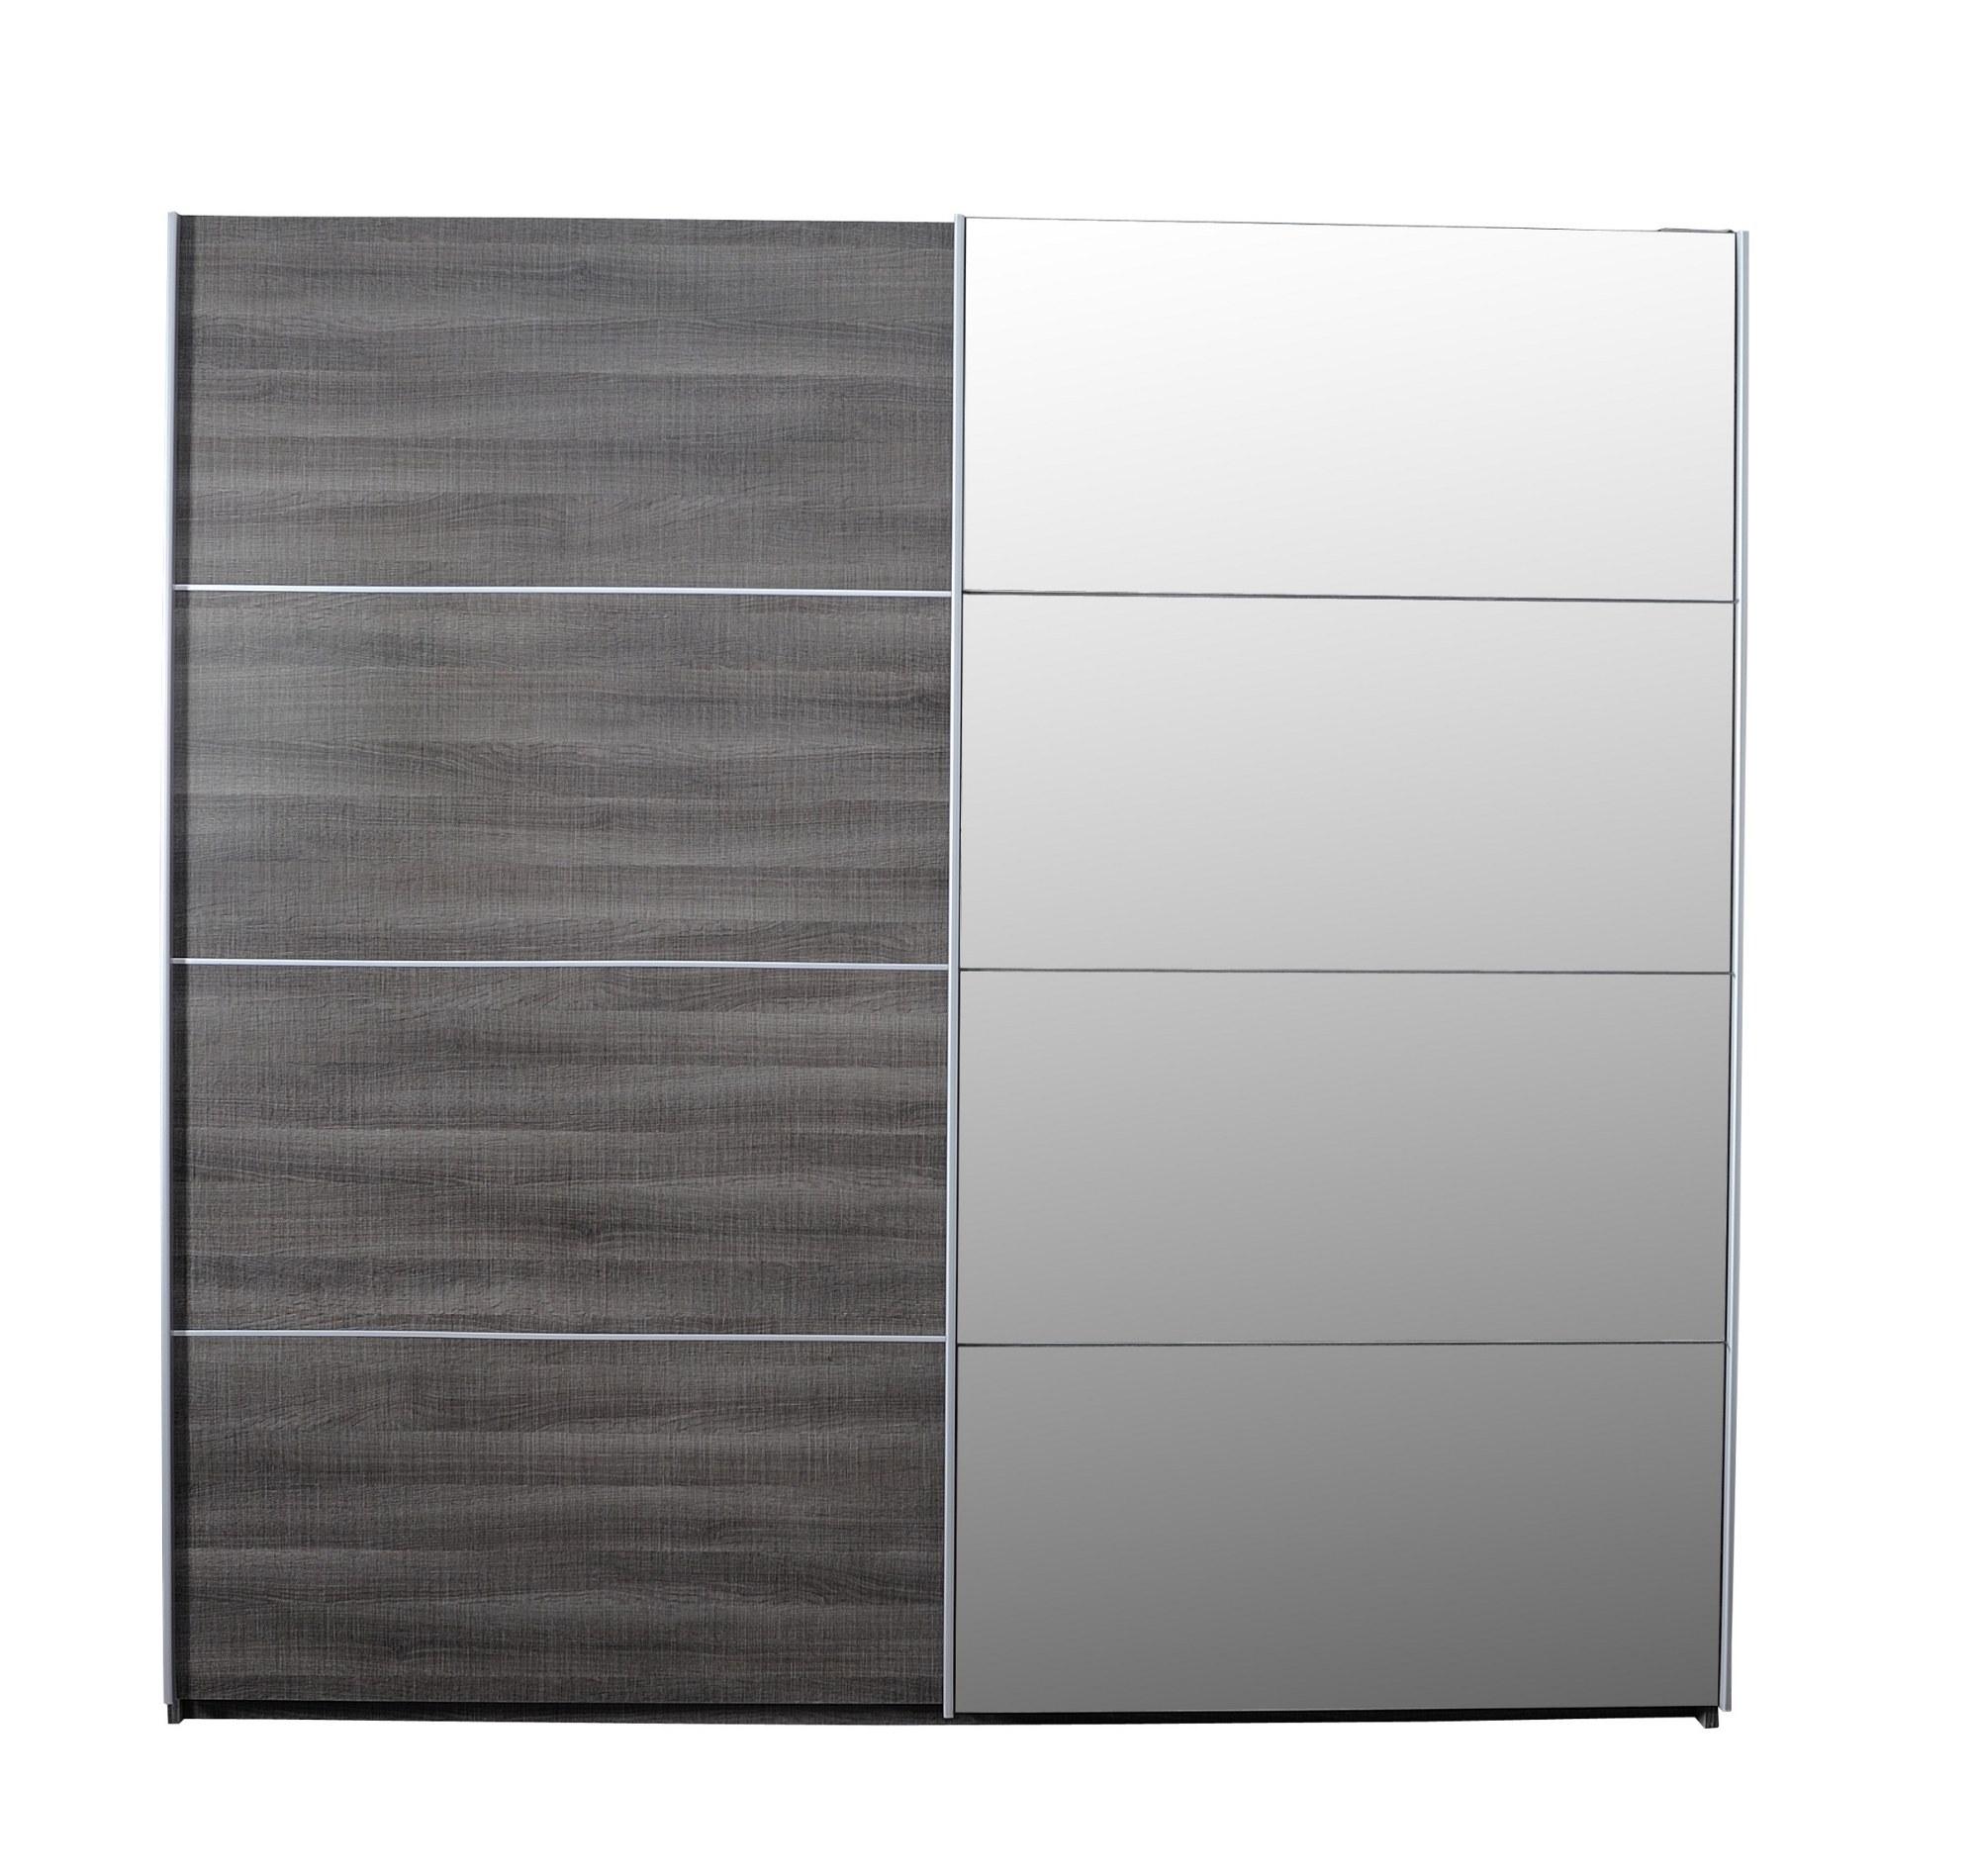 armoire luméo 56 2 portes coulissante 1 glace